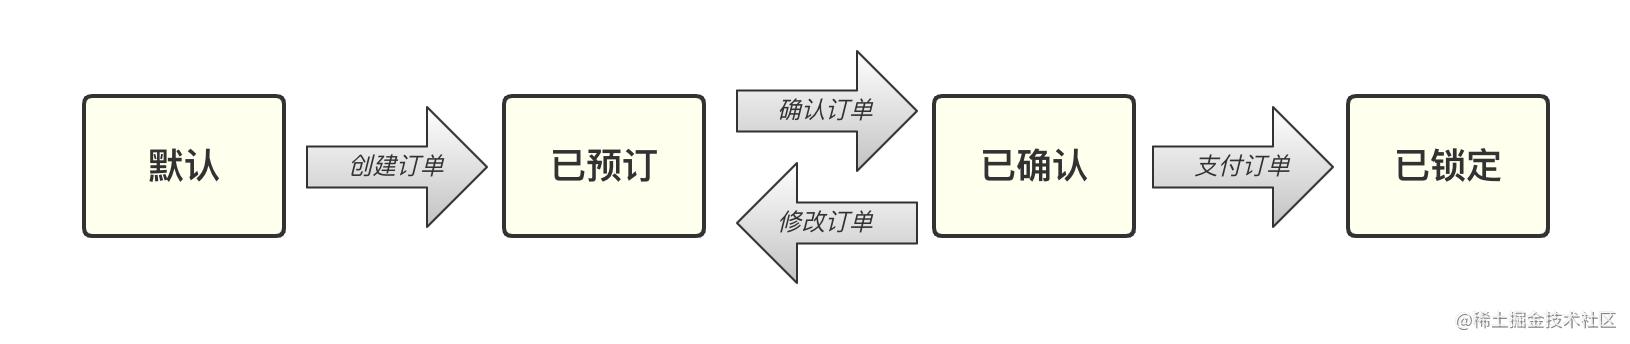 order_flow.png